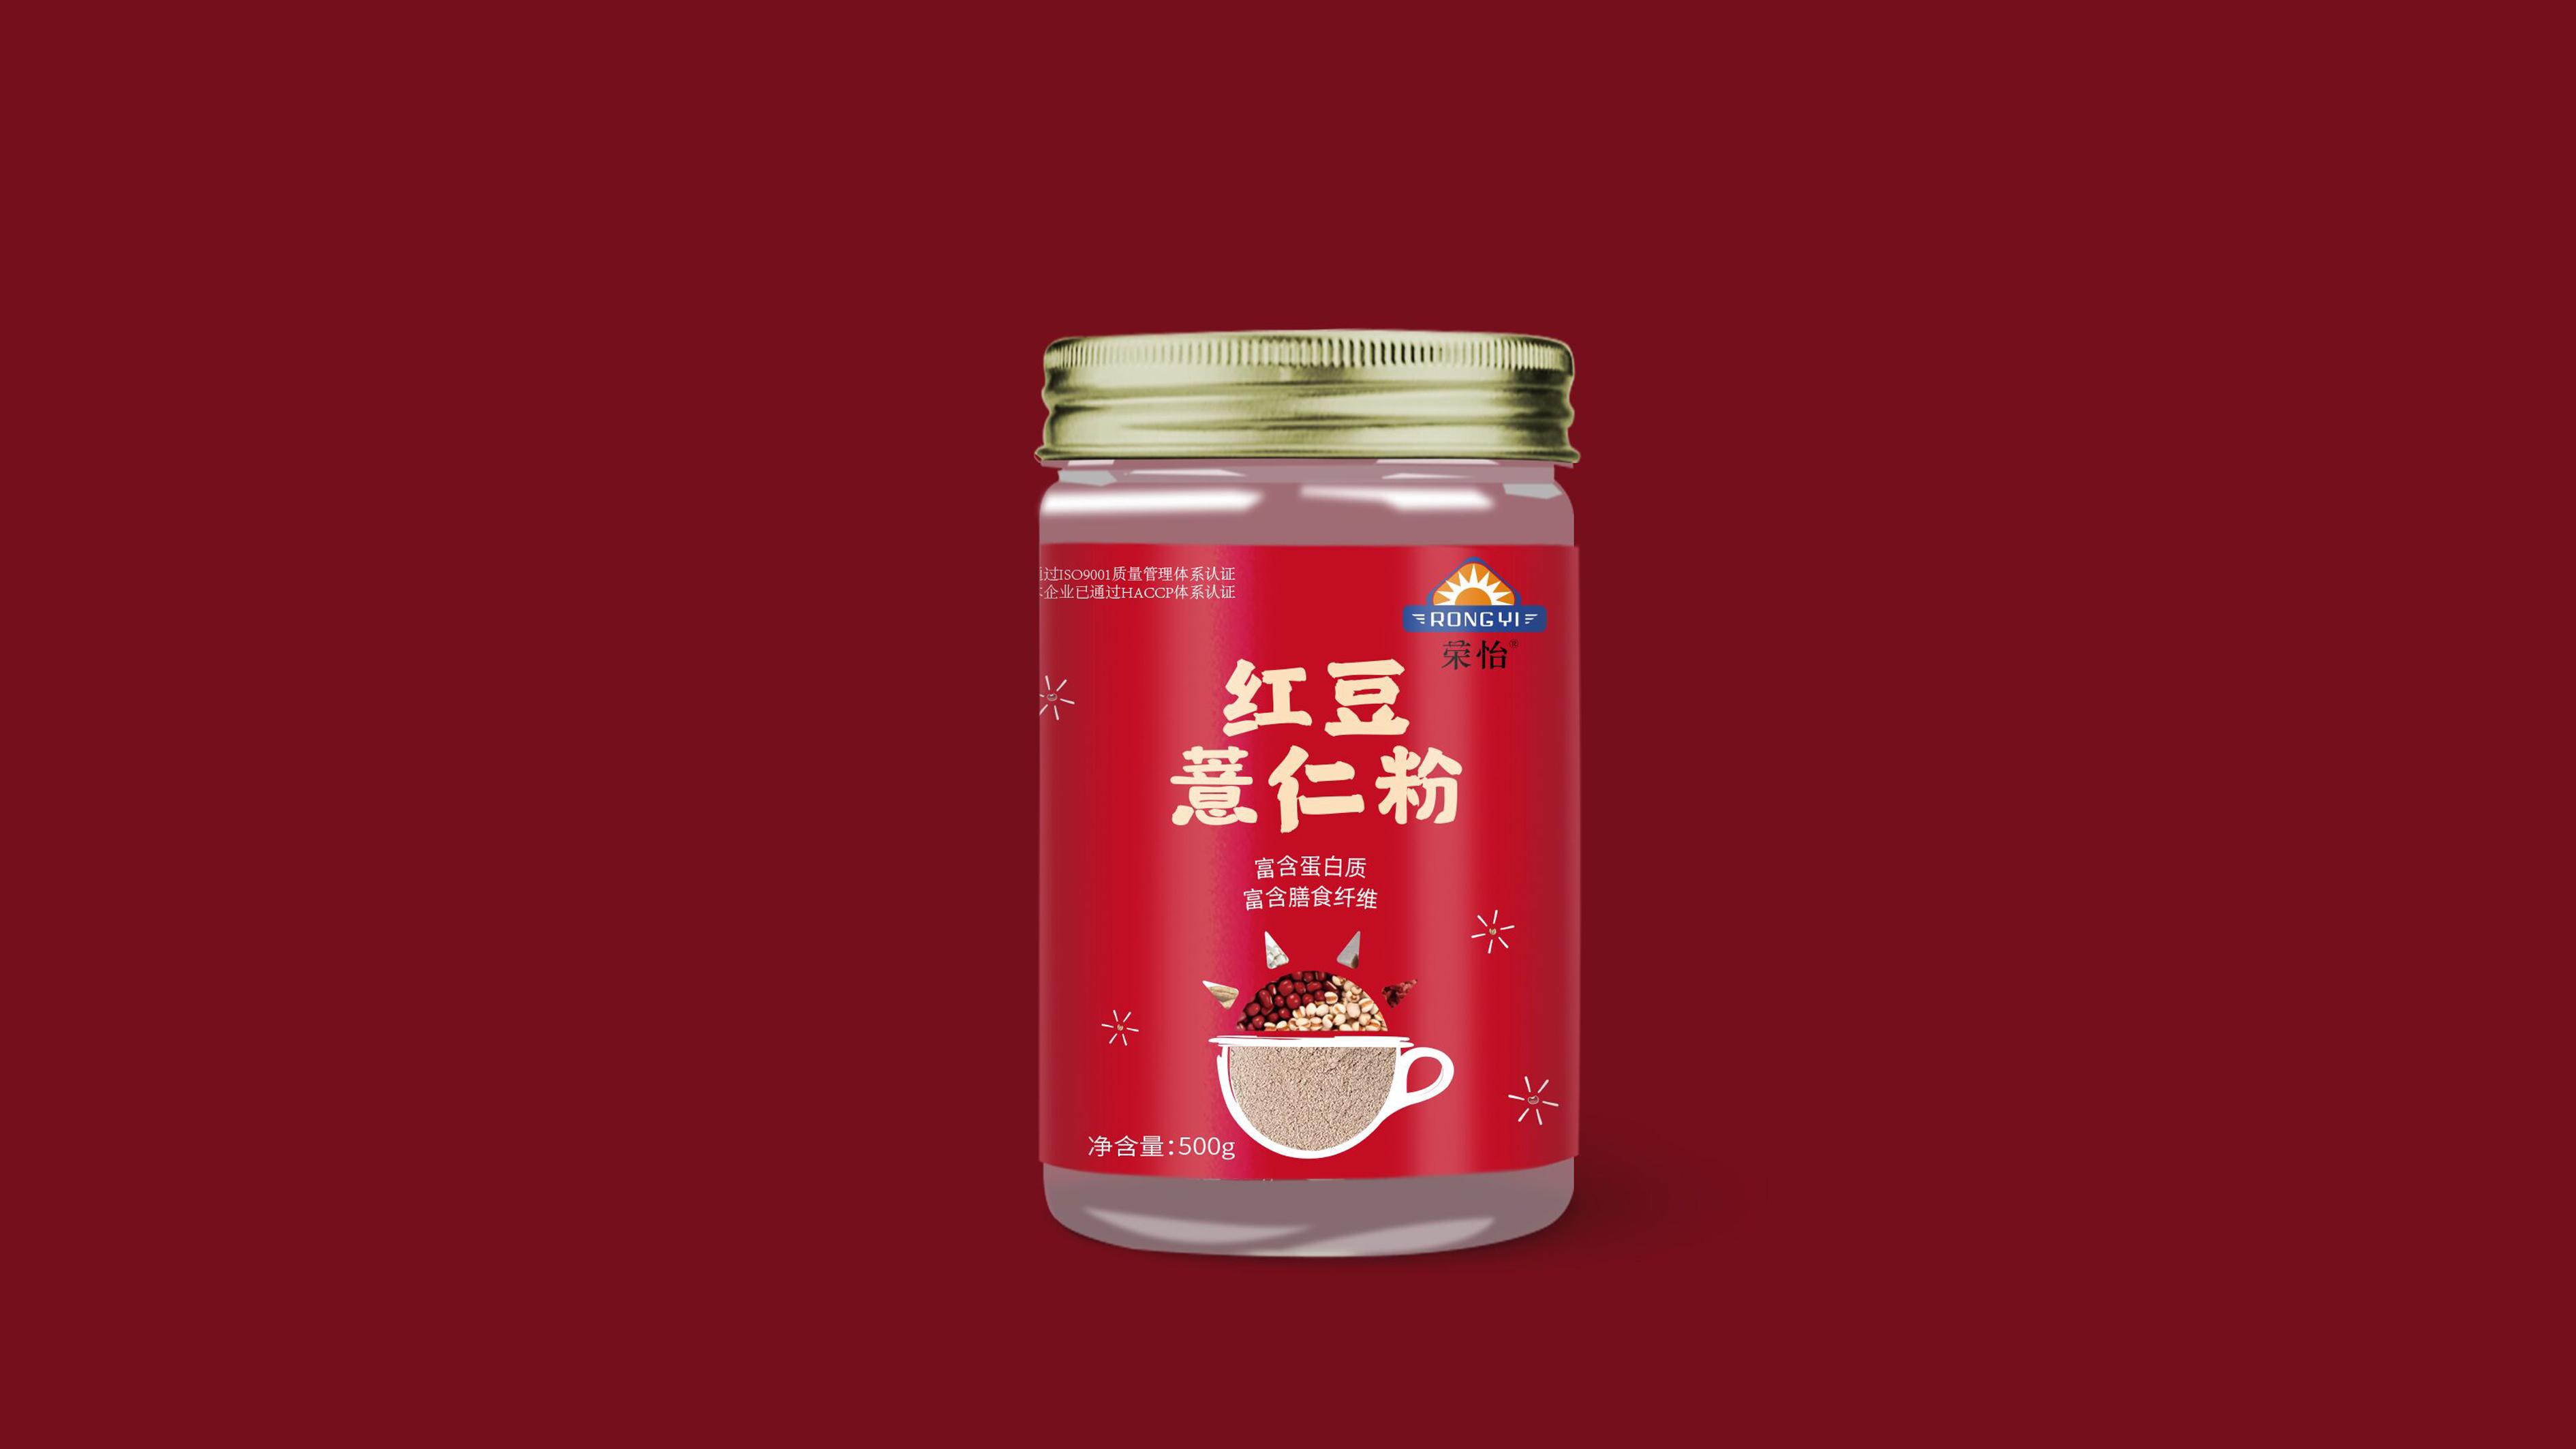 荣怡食品包装乐天堂fun88备用网站